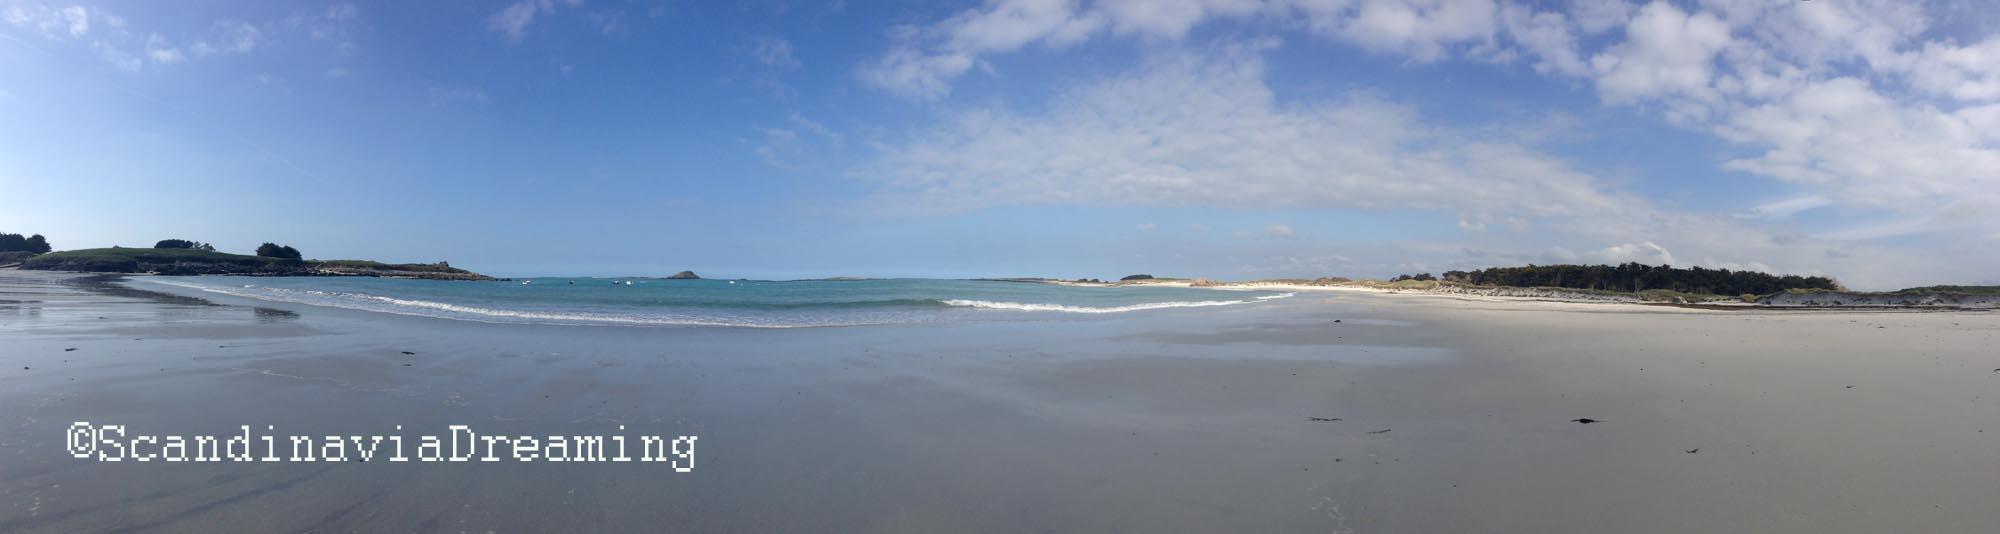 La plage où j'ai grandi, en Bretagne. On sait ce que l'on quitte, mais pas forcément ce que l'on va trouver...